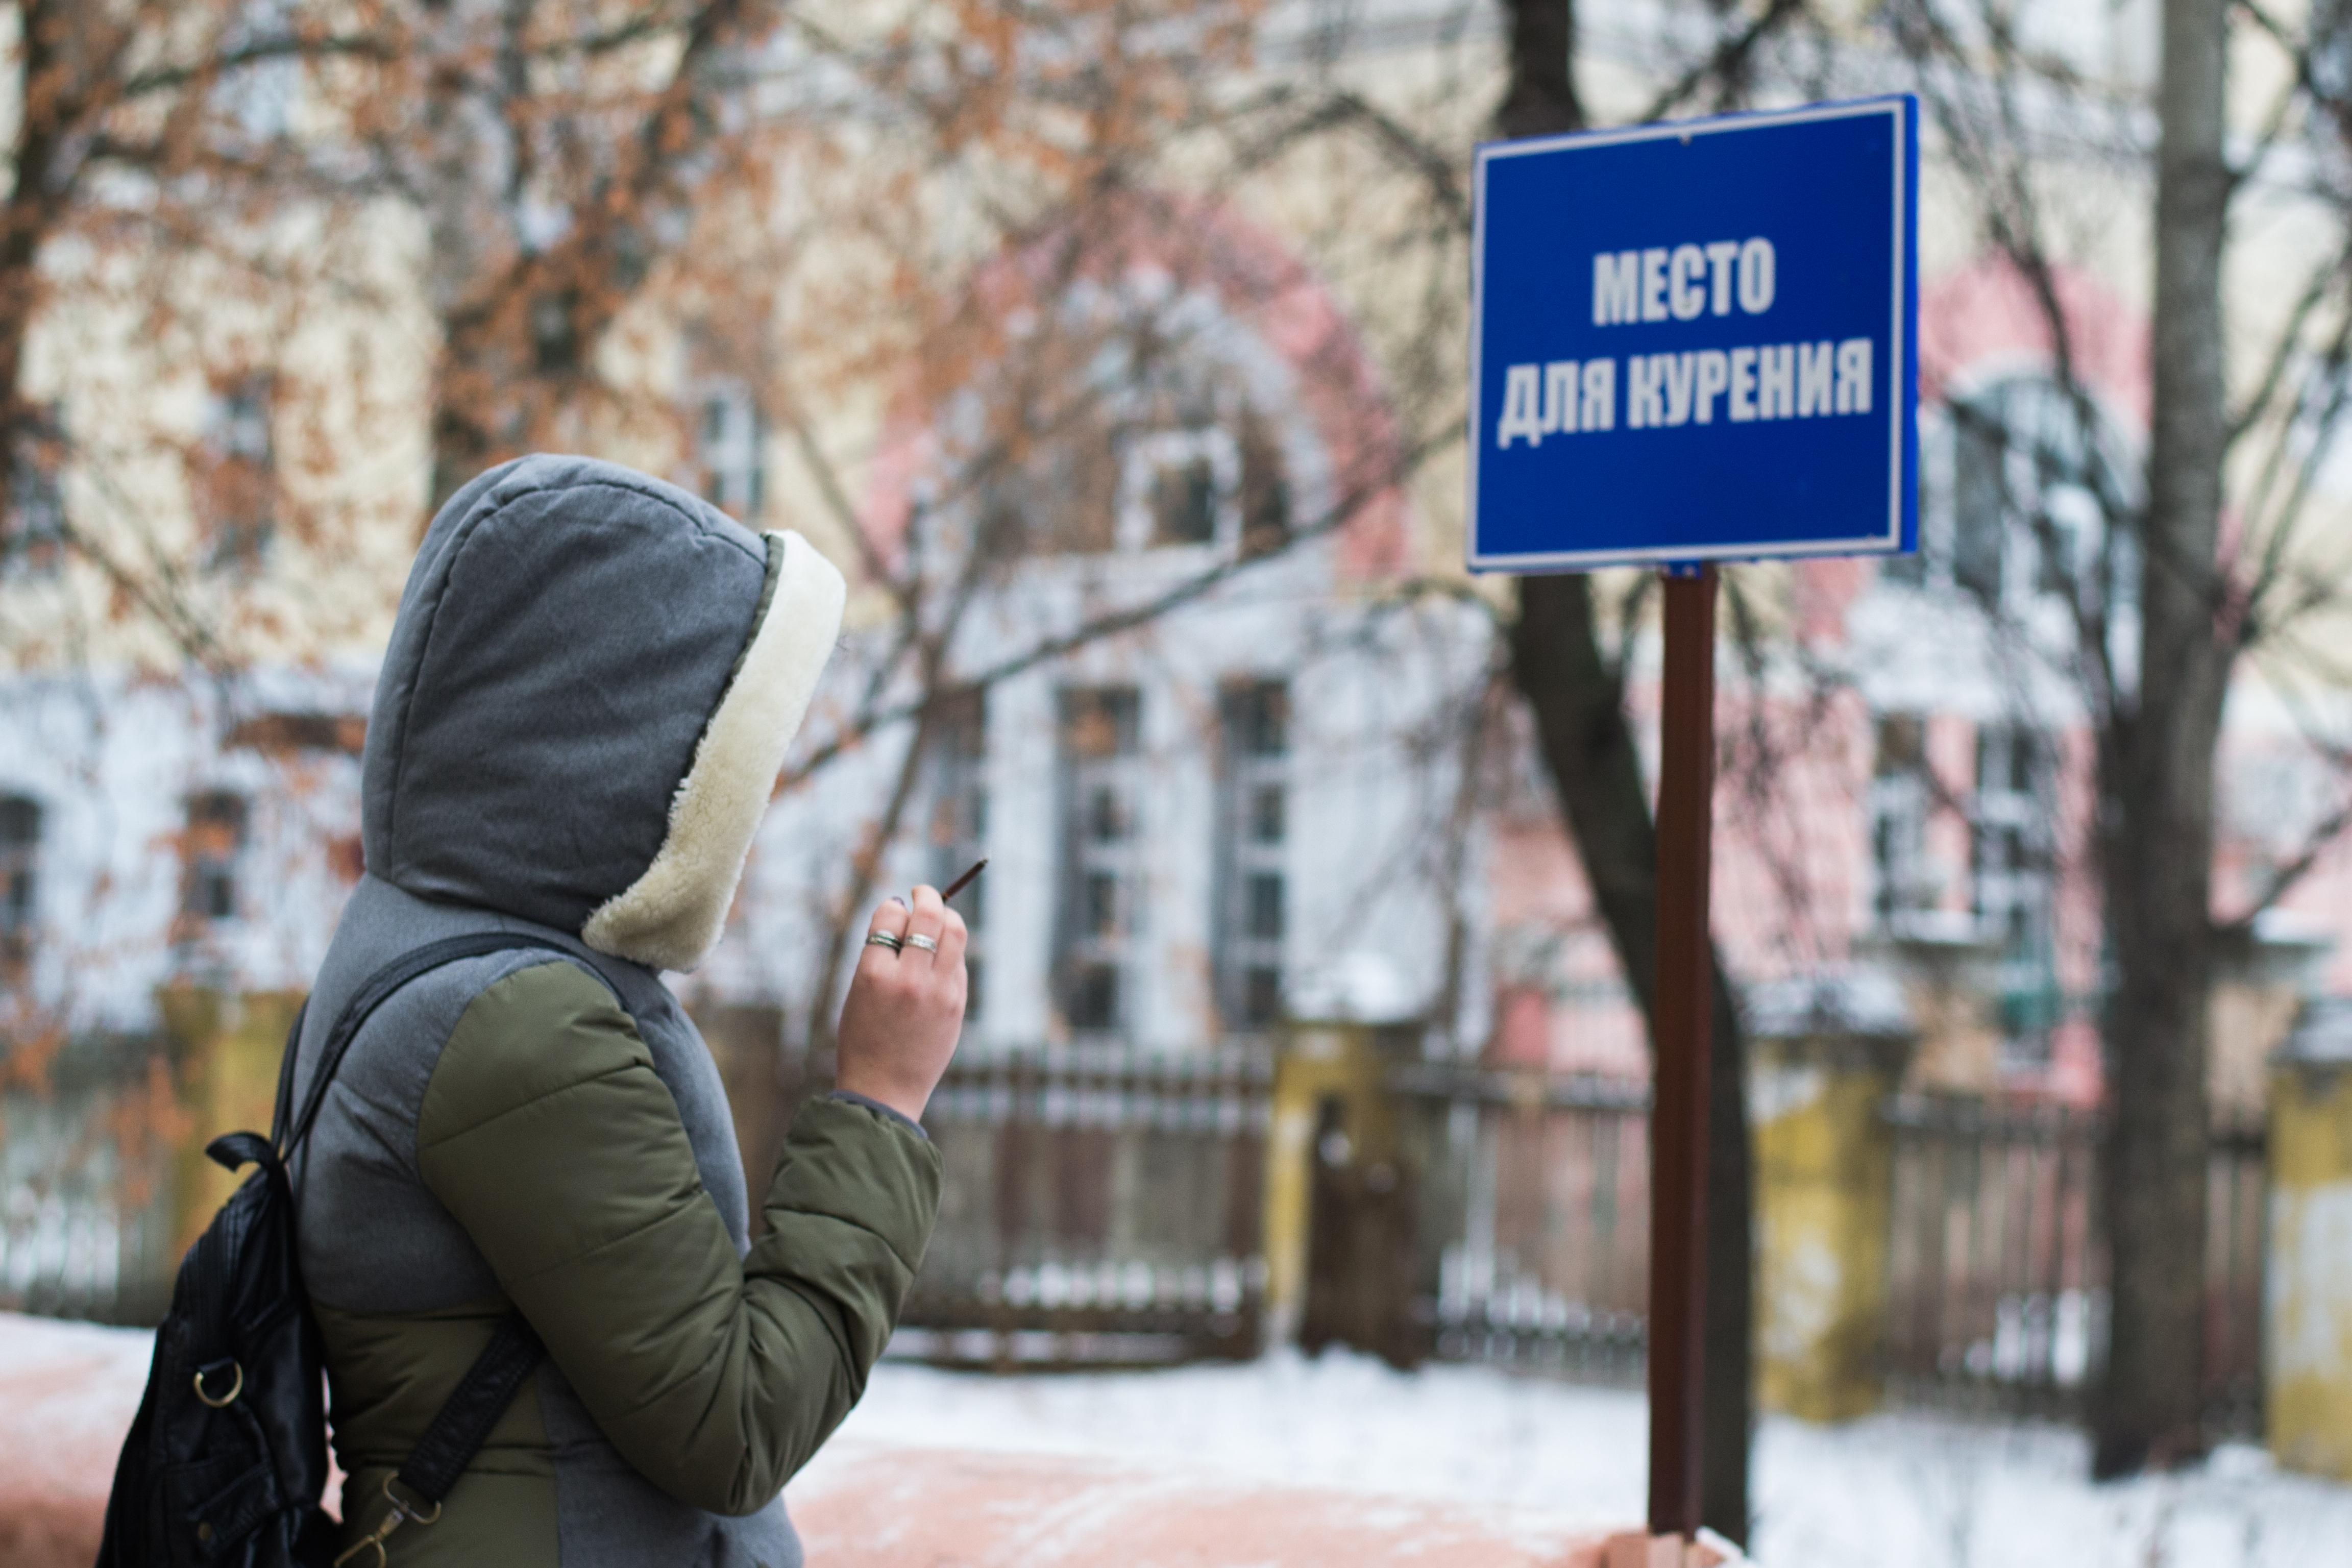 """Zona fumatori. In Russia dal 2013 è entrata in vigore una legge che impone il divieto di fumo anche in molte aree all'aperto. Per i fumatori sono state allestite apposite zone """"smoke-free""""."""